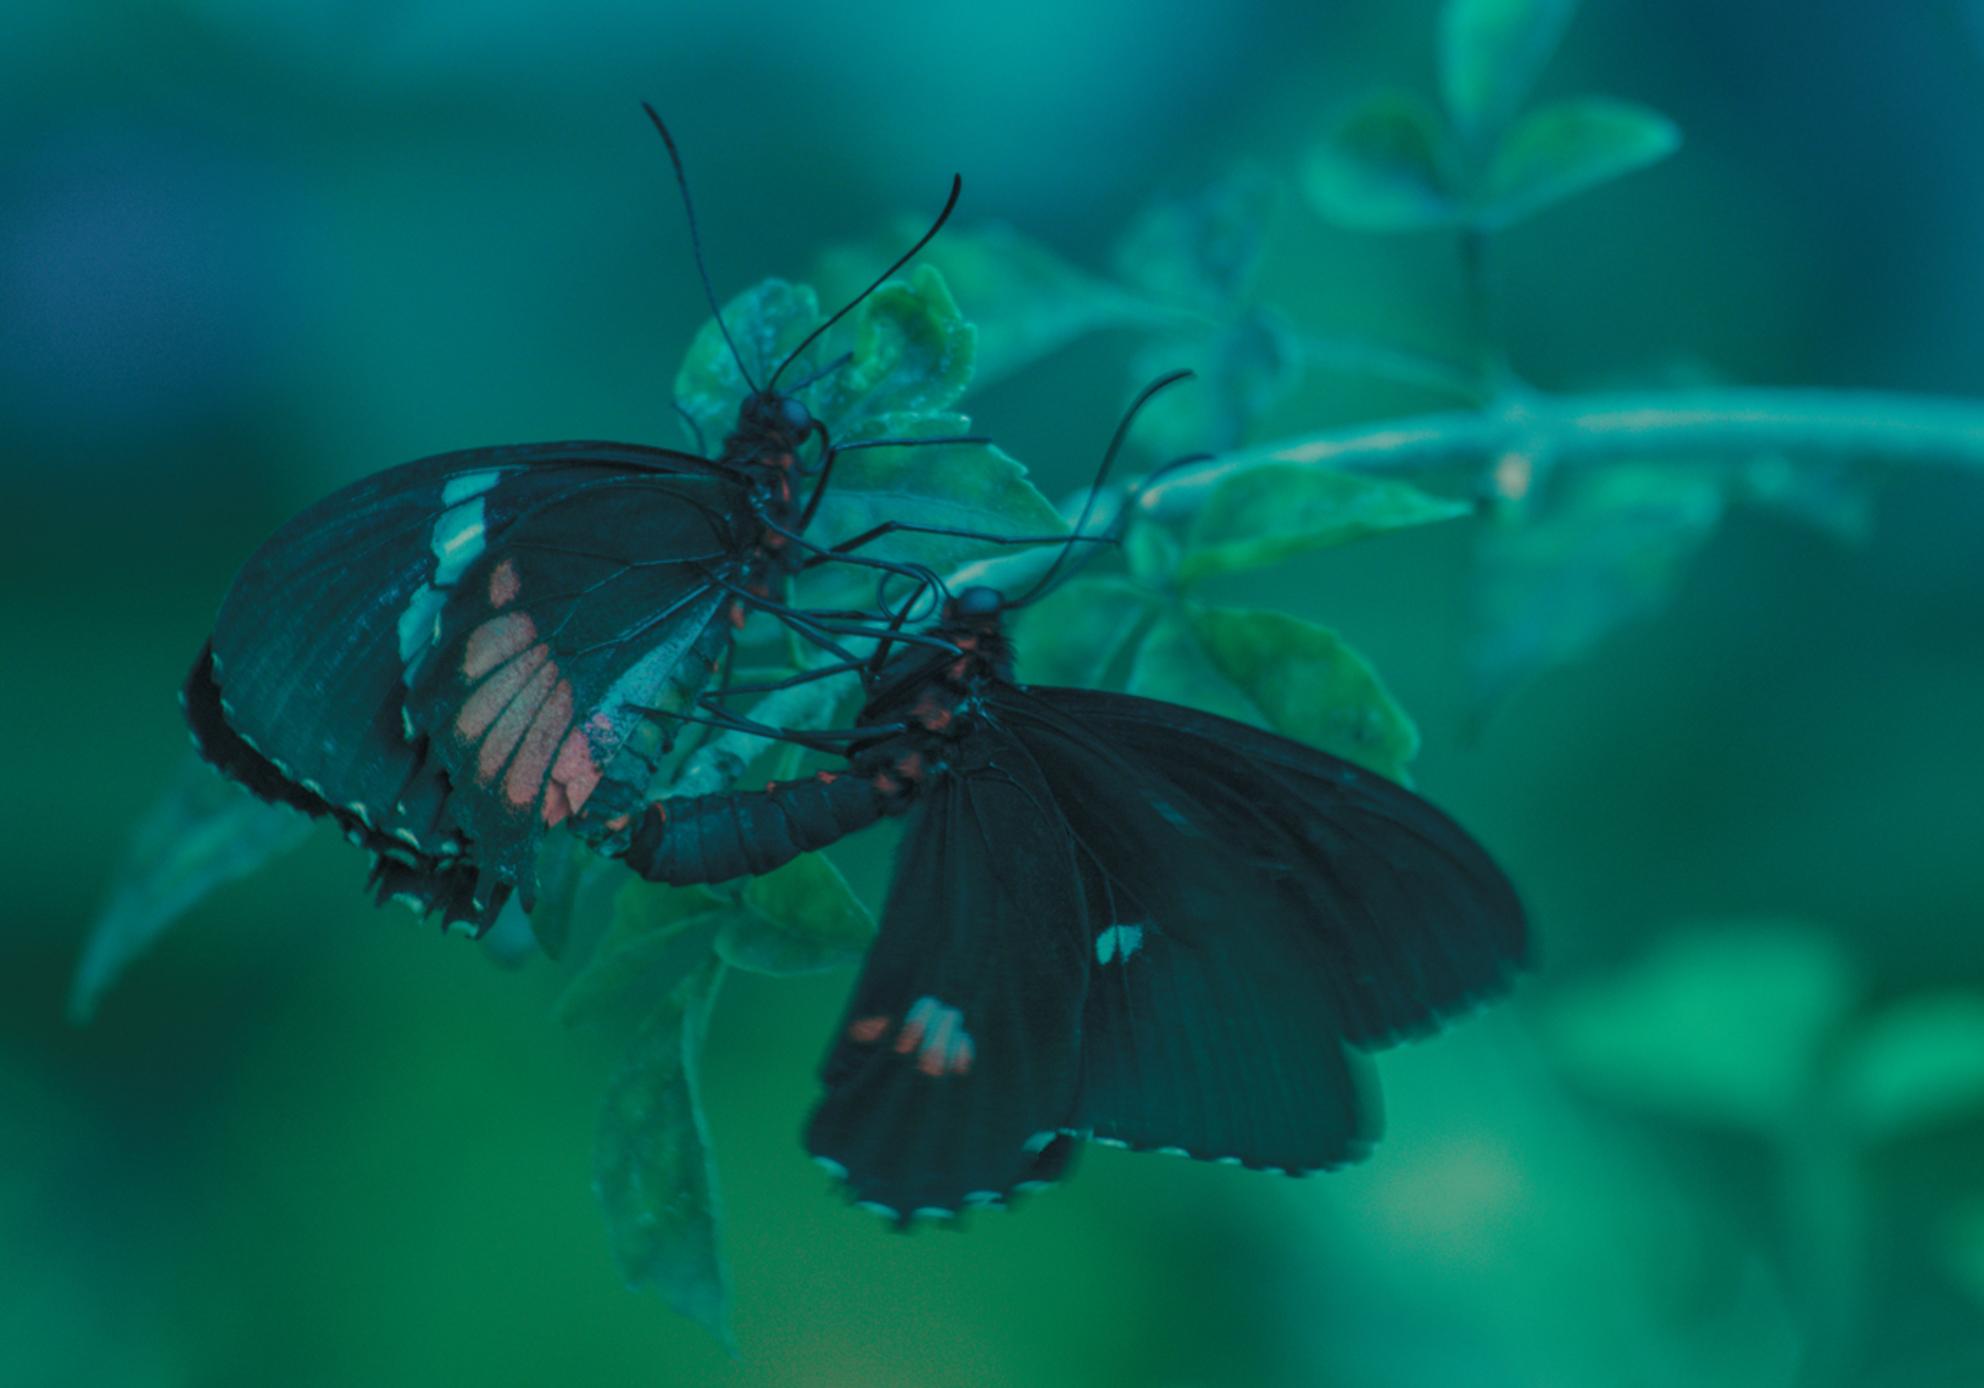 New episode - liberté fotografie - - - foto door Houda op 23-04-2018 - deze foto bevat: macro, lente, natuur, vlinder, romantiek, intiem, vlindertuin, bokeh - Deze foto mag gebruikt worden in een Zoom.nl publicatie